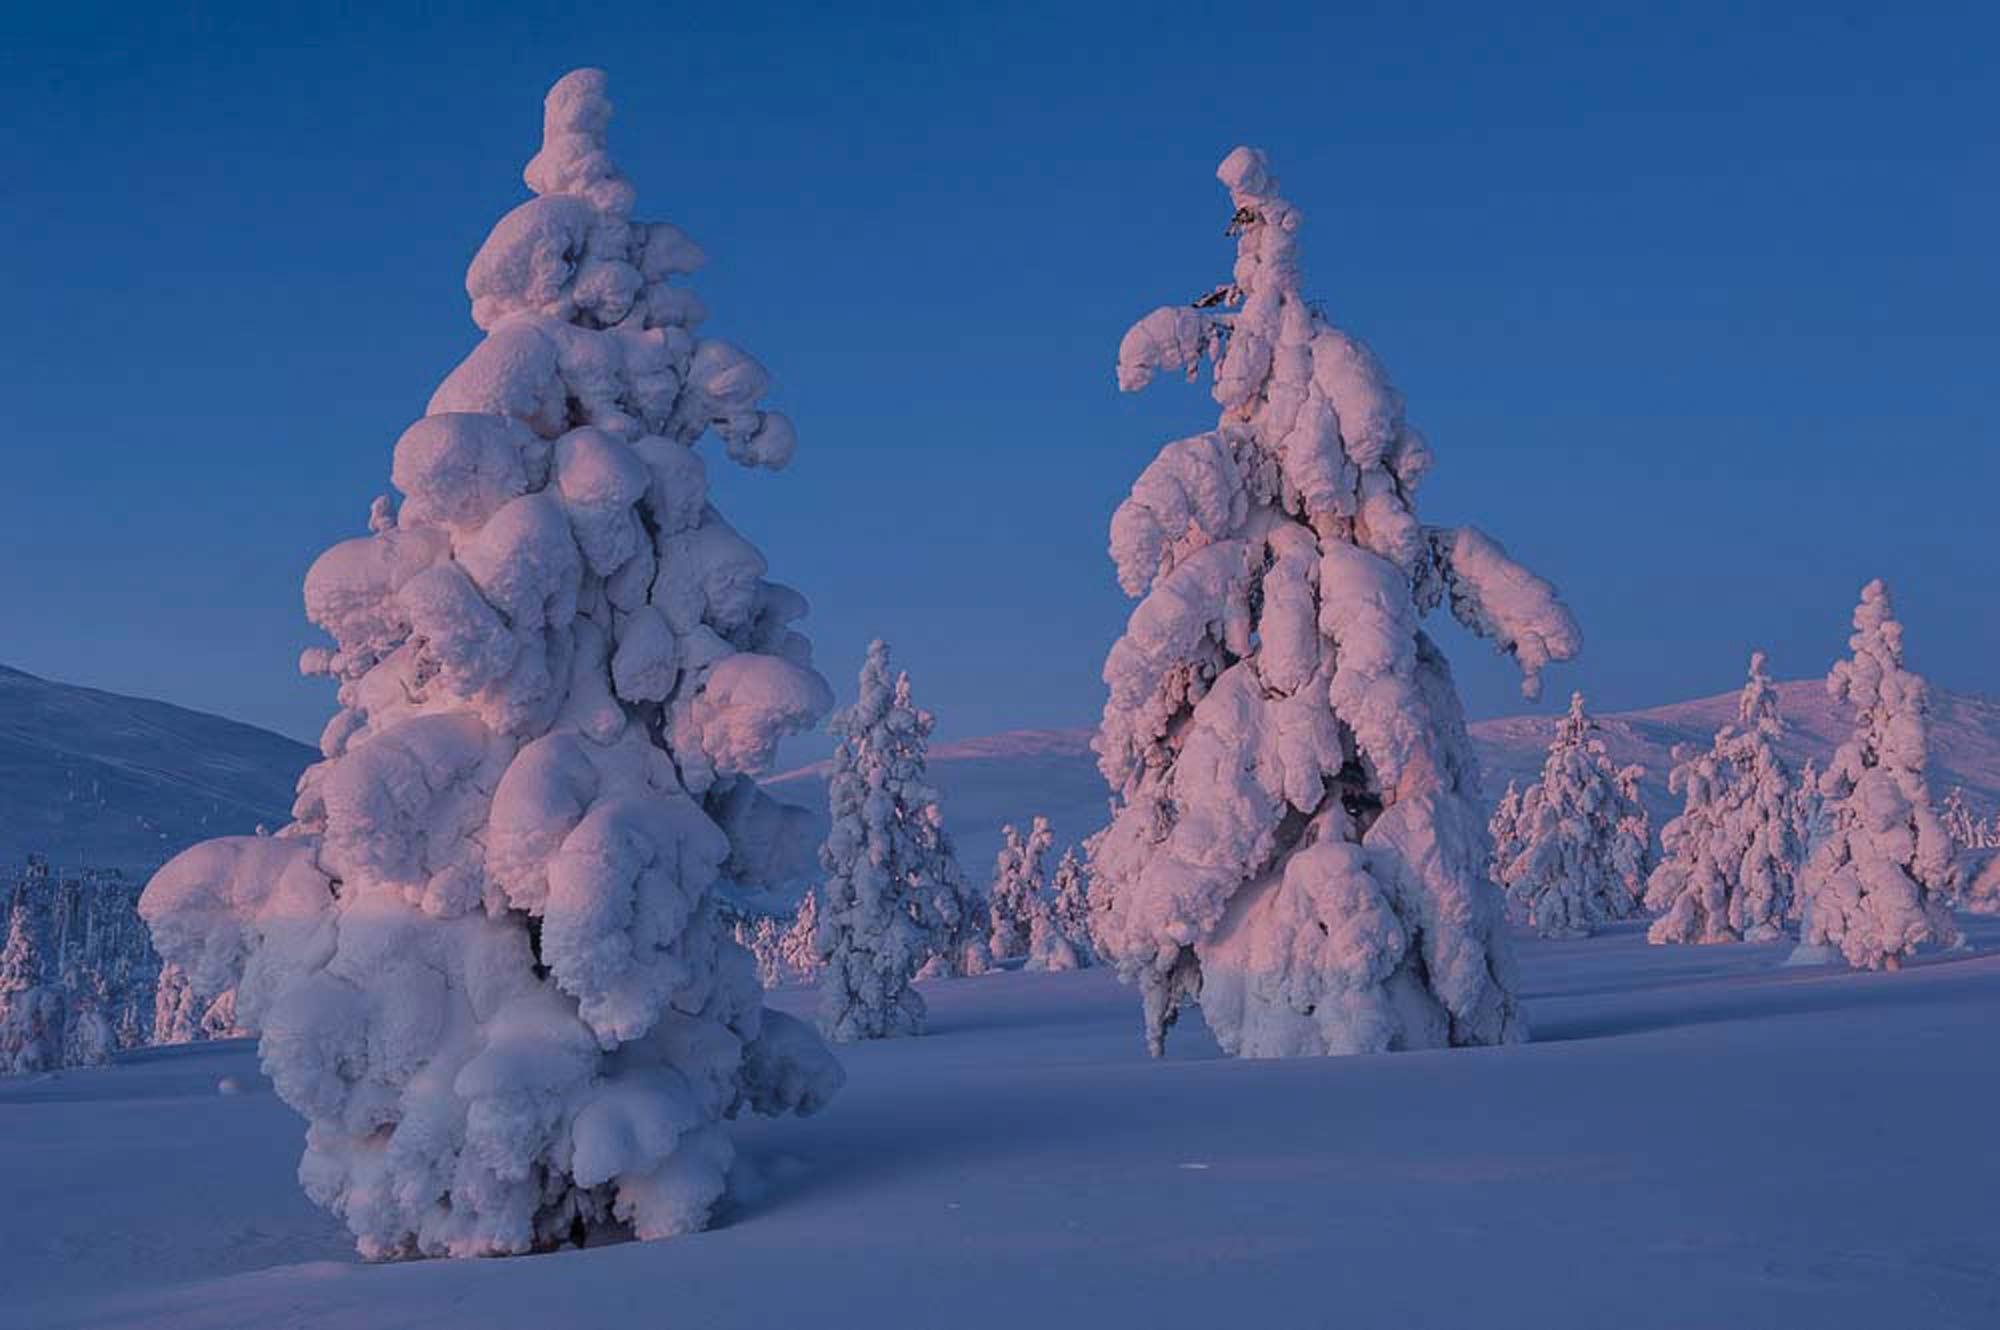 Verschneite Baumriesen: Inbegriff der Winterromantik (Vignette) © Klaus-Peter Kappest